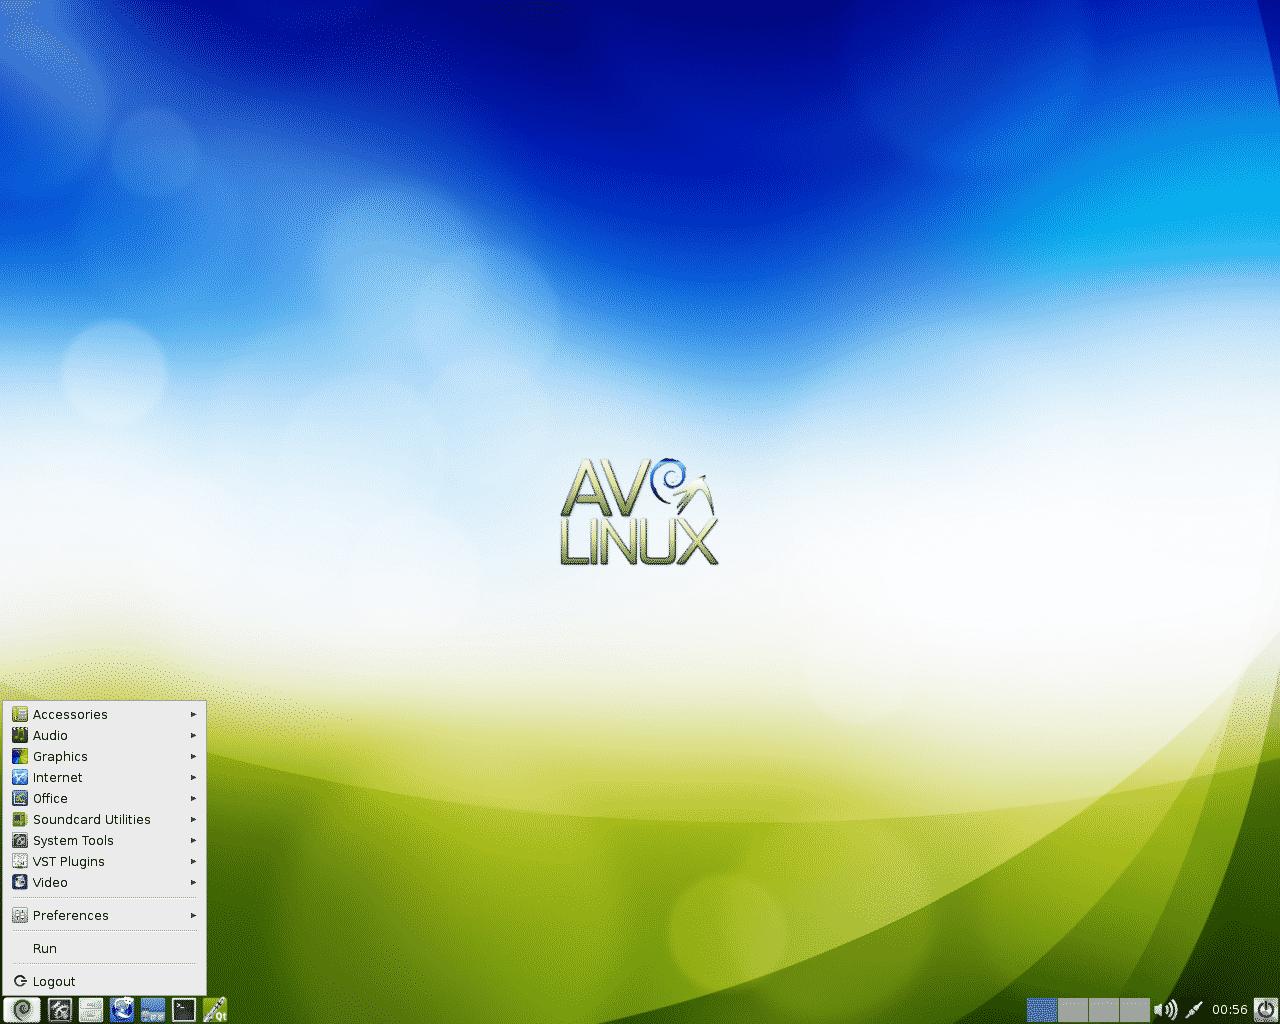 AV Linux Desktop